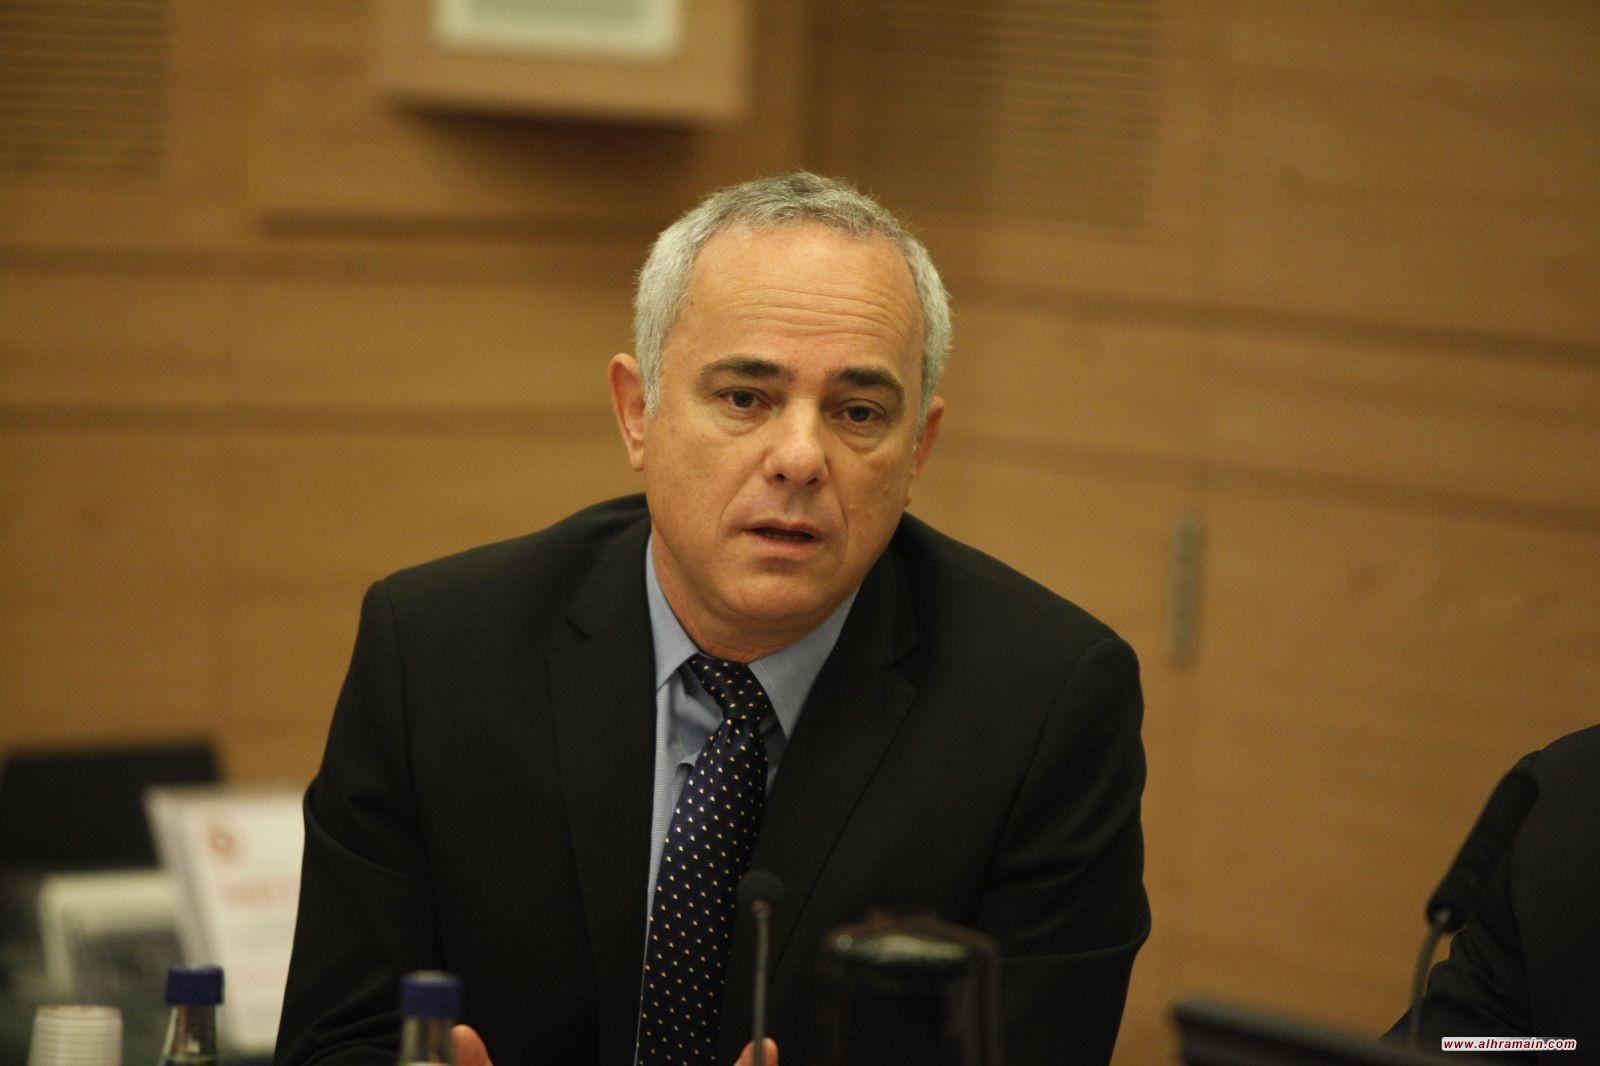 وزير إسرائيلي: نقيم علاقات سرية مع دول عربية بينها السعودية